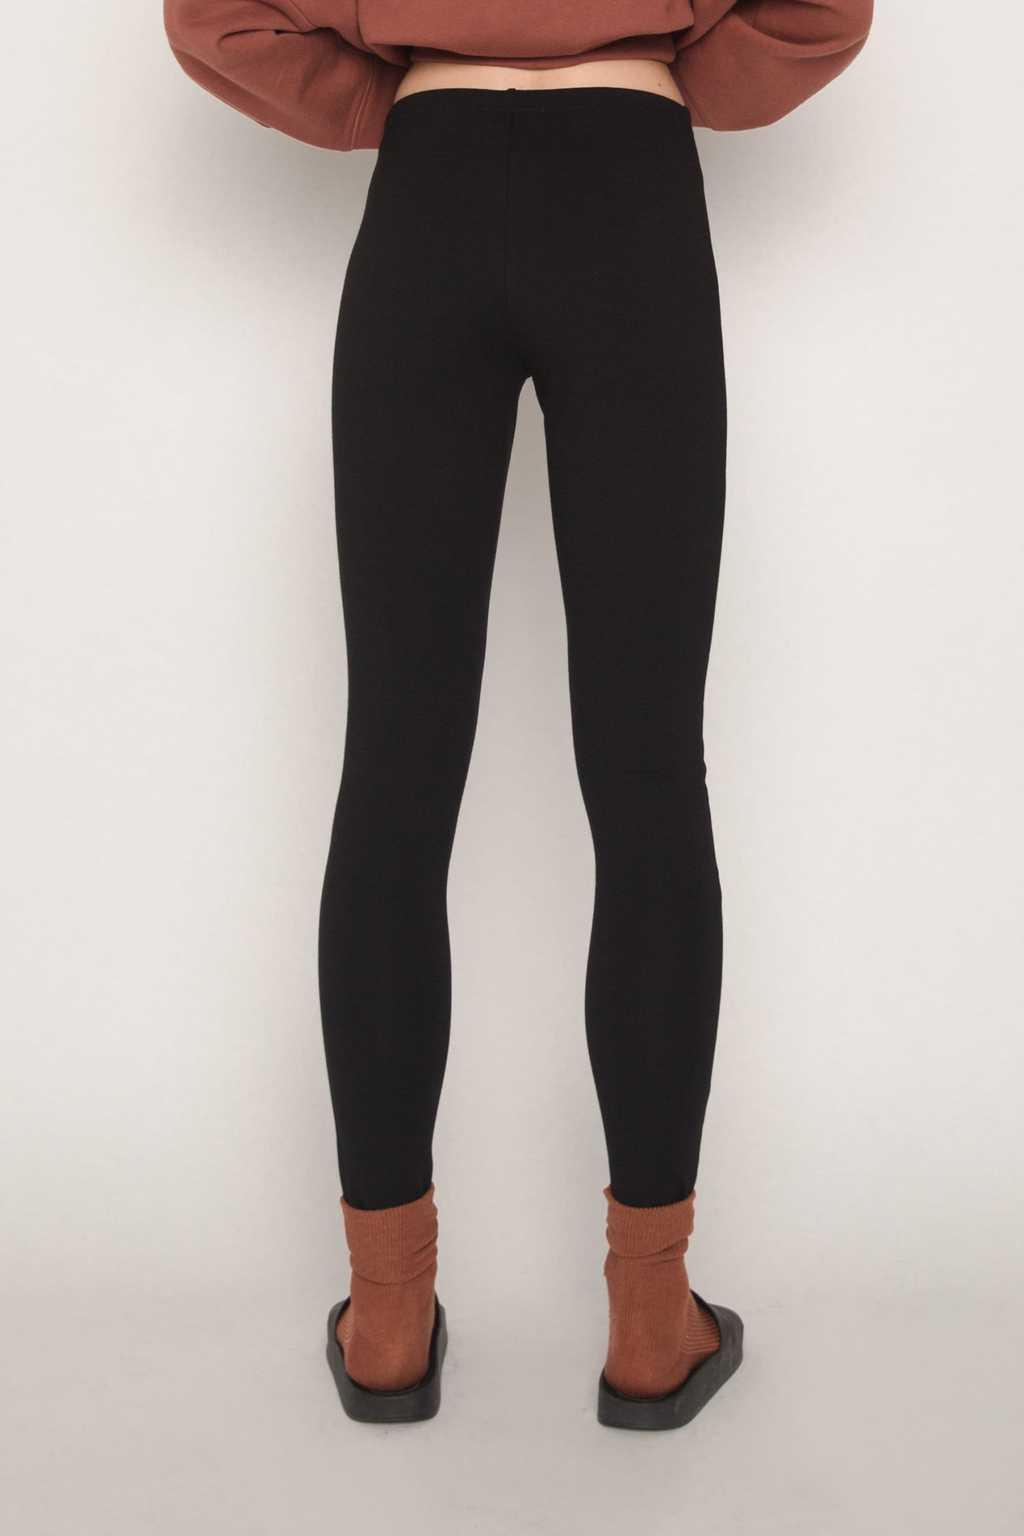 Legging 1721 Black 2